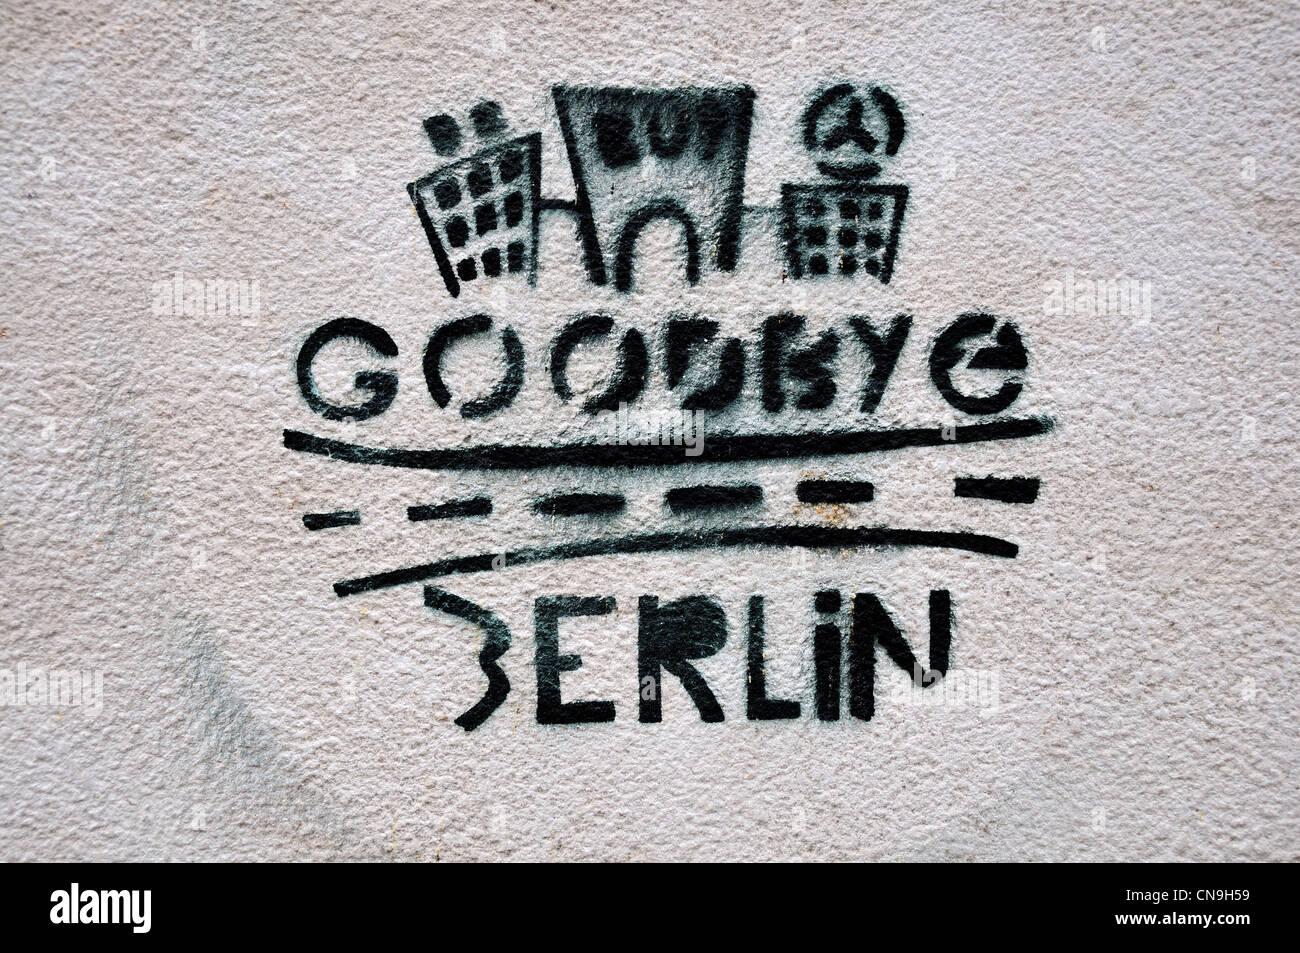 Berlin, Germany. 'Goodbye Berlin' stenciled graffiti in Wallstrasse - Stock Image